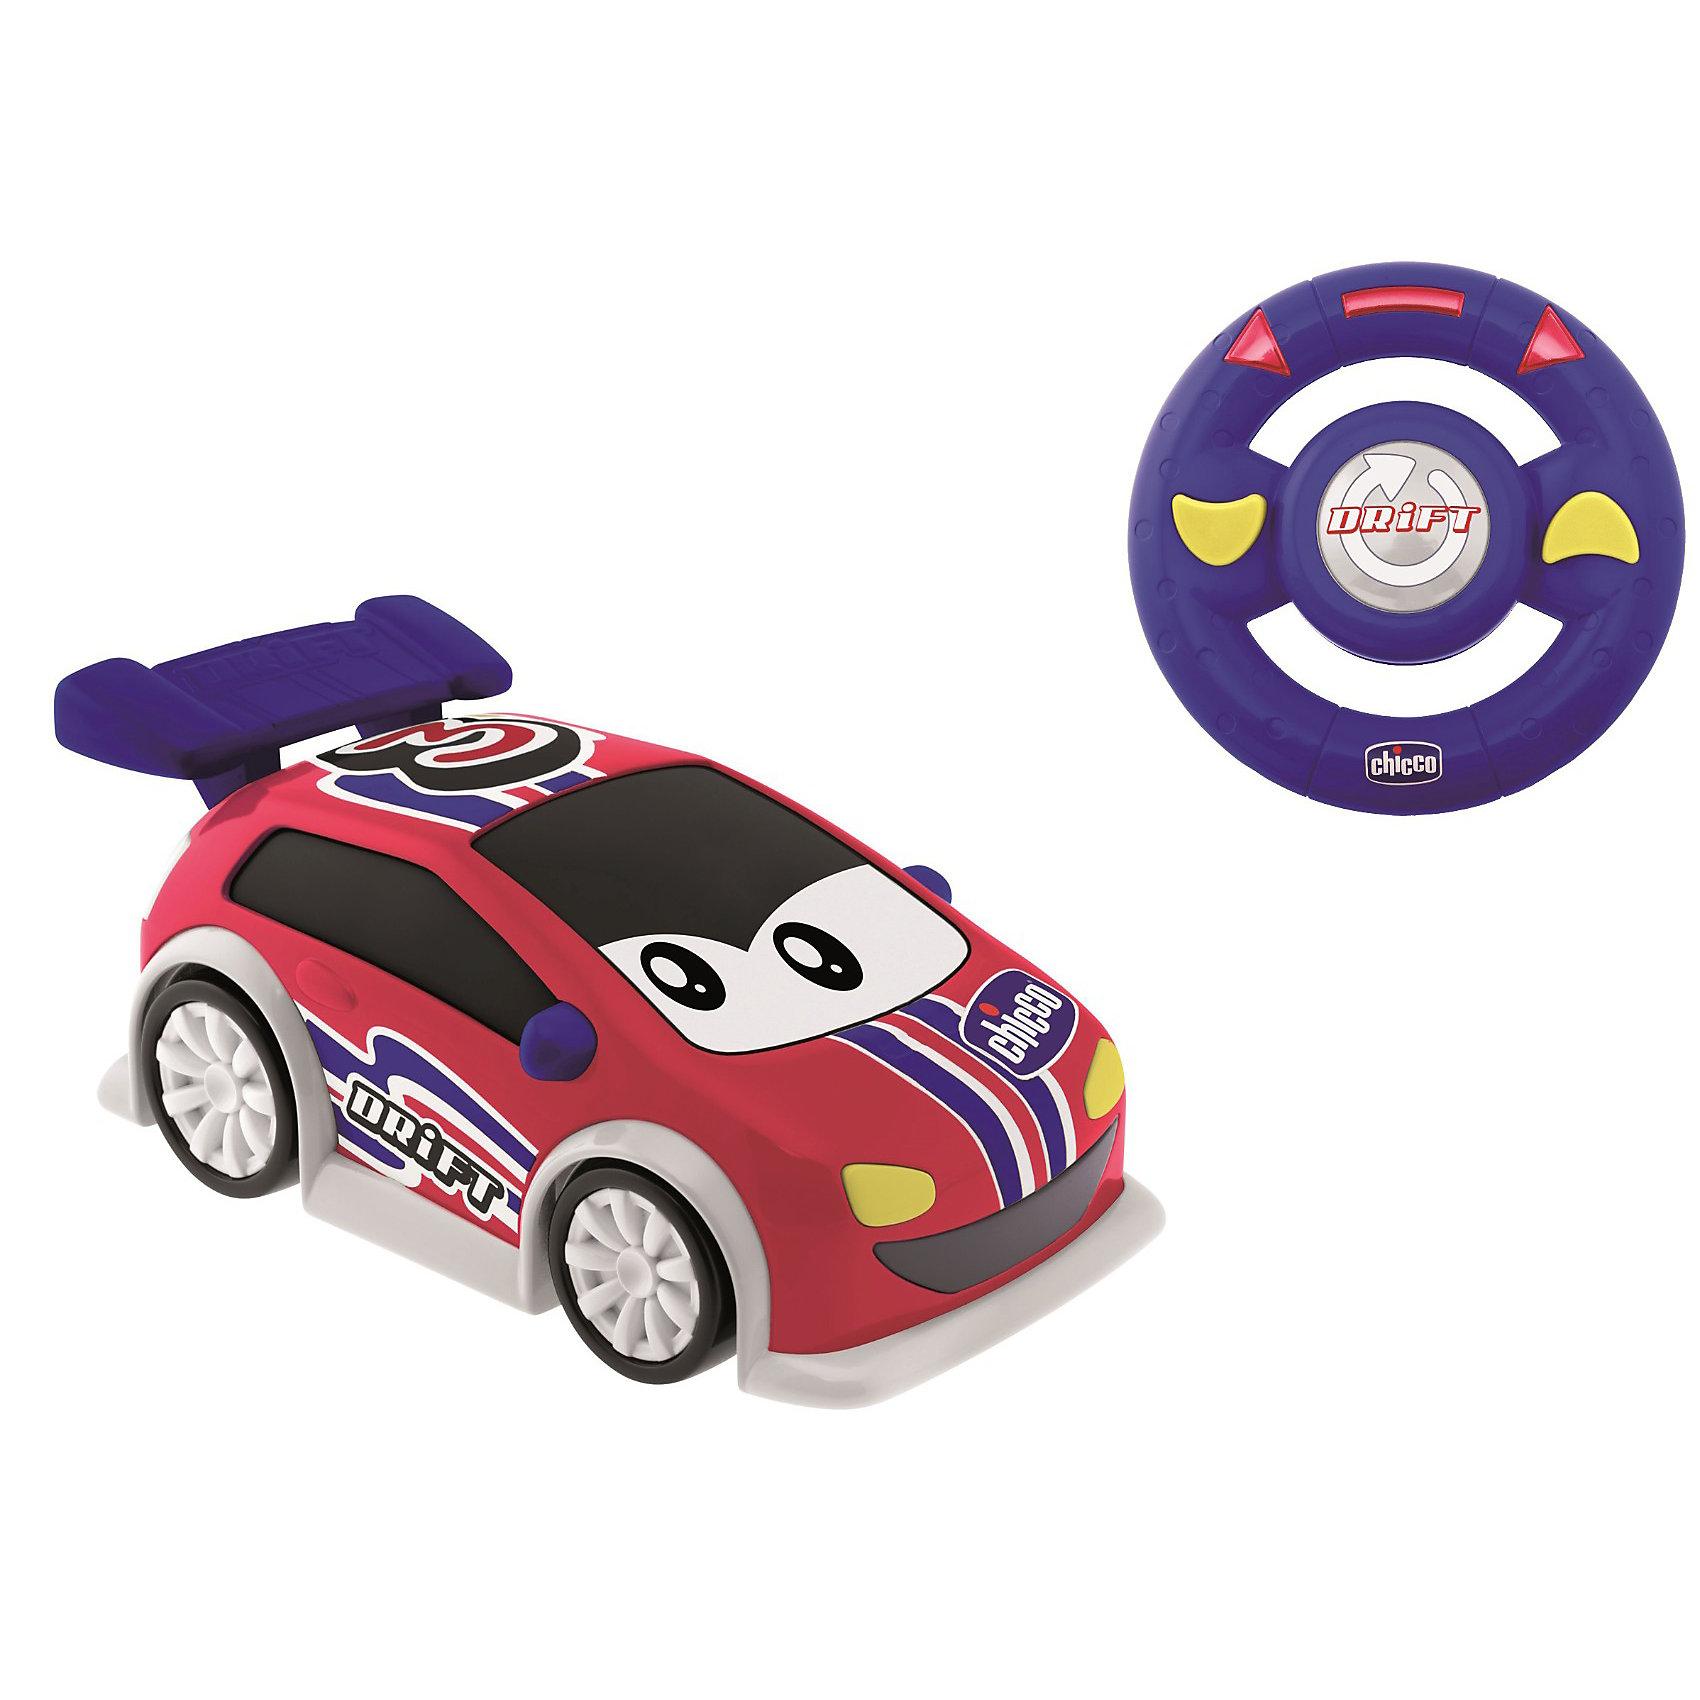 Машинка Danny Drift, с д.у., ChiccoМашинки и транспорт для малышей<br>Машинка Danny Drift, с д.у., Chicco (Чико) - эта машинка доставит массу удовольствия юному автолюбителю.<br>Машинка Danny – это яркая, симпатичная машинка с дистанционным управлением. Устройство управления похоже на настоящее рулевое колесо, оно очень удобное в использовании – просто поворачивайте его влево или вправо, и машинка изменит направление скольжения, прямо как настоящий спортивный автомобиль. После нажатия центральной кнопки Drift (Боковое отклонение) машинка начнет скользить и выделывать зрелищные номера, еще более забавные благодаря звуковому сопровождению.<br><br>Дополнительная информация:<br><br>- Материал: высококачественный пластик<br>- Батарейки для машинки: 4x AA 1,5 В (в комплект не входят)<br>- Батарейки для руля: 3xAAA 1,5 В (в комплект не входят)<br>- Размер упаковки: 35х20х25 см.<br>- Вес: 0,7 кг.<br><br>Машинку Danny Drift, с д.у., Chicco (Чико) можно купить в нашем интернет-магазине.<br><br>Ширина мм: 387<br>Глубина мм: 182<br>Высота мм: 211<br>Вес г: 1042<br>Возраст от месяцев: 24<br>Возраст до месяцев: 48<br>Пол: Унисекс<br>Возраст: Детский<br>SKU: 3587139